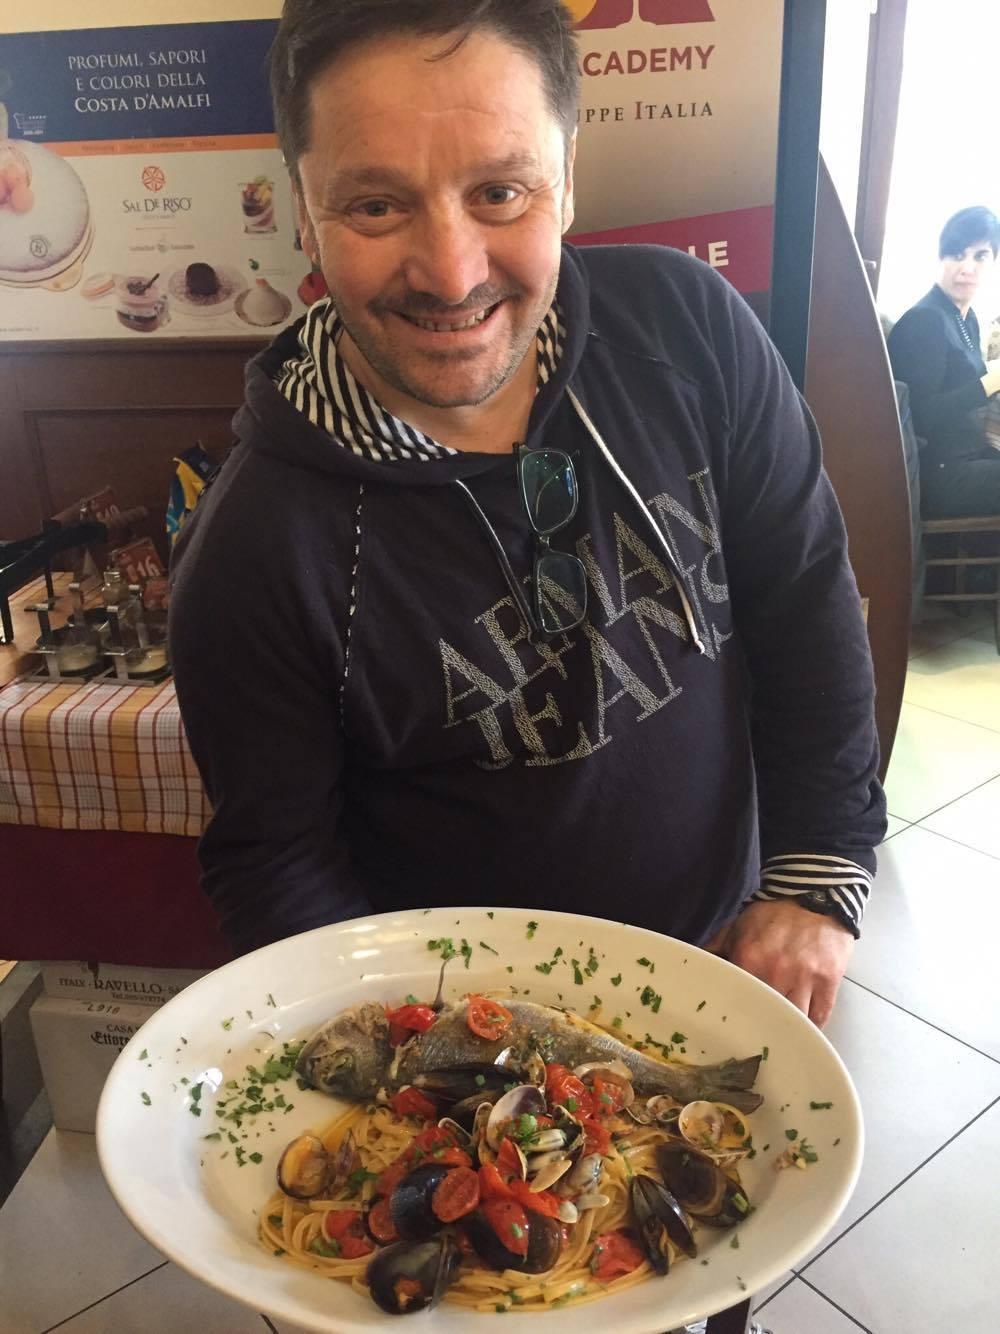 Pasquale Sammarco con uno dei piatti de La Cantina dei Mille